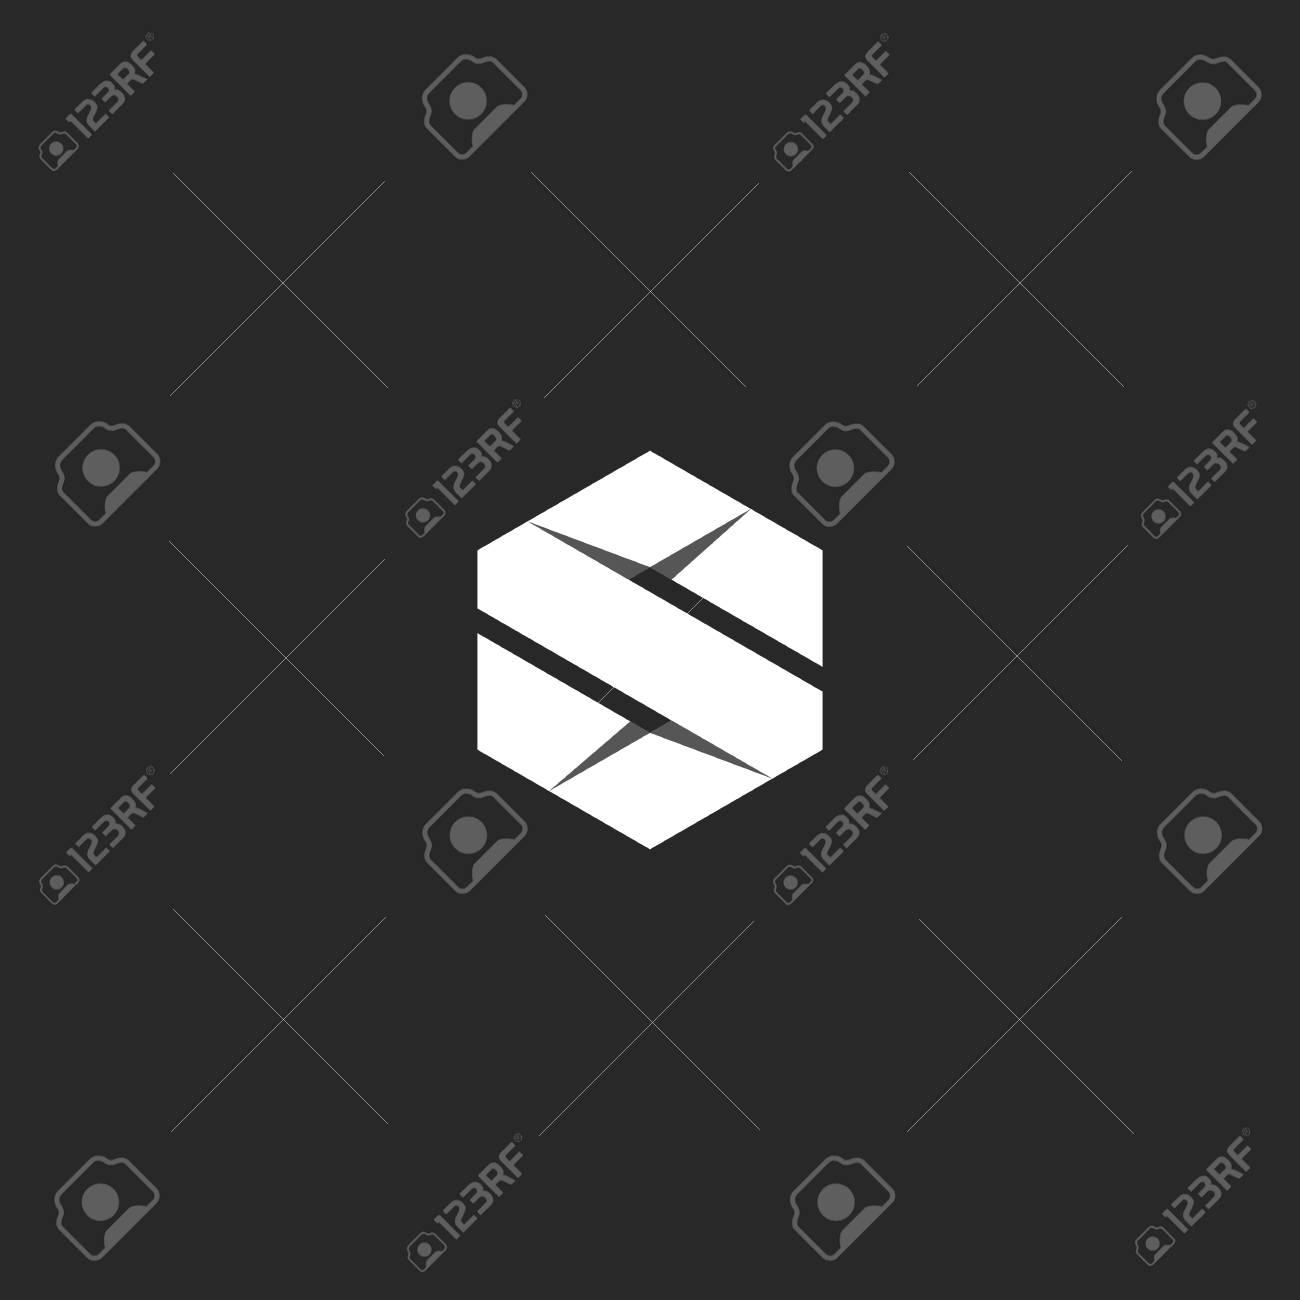 Préféré Lettre S Logo Dans La Forme Géométrique D'un Hexagone Plié à #OM_15